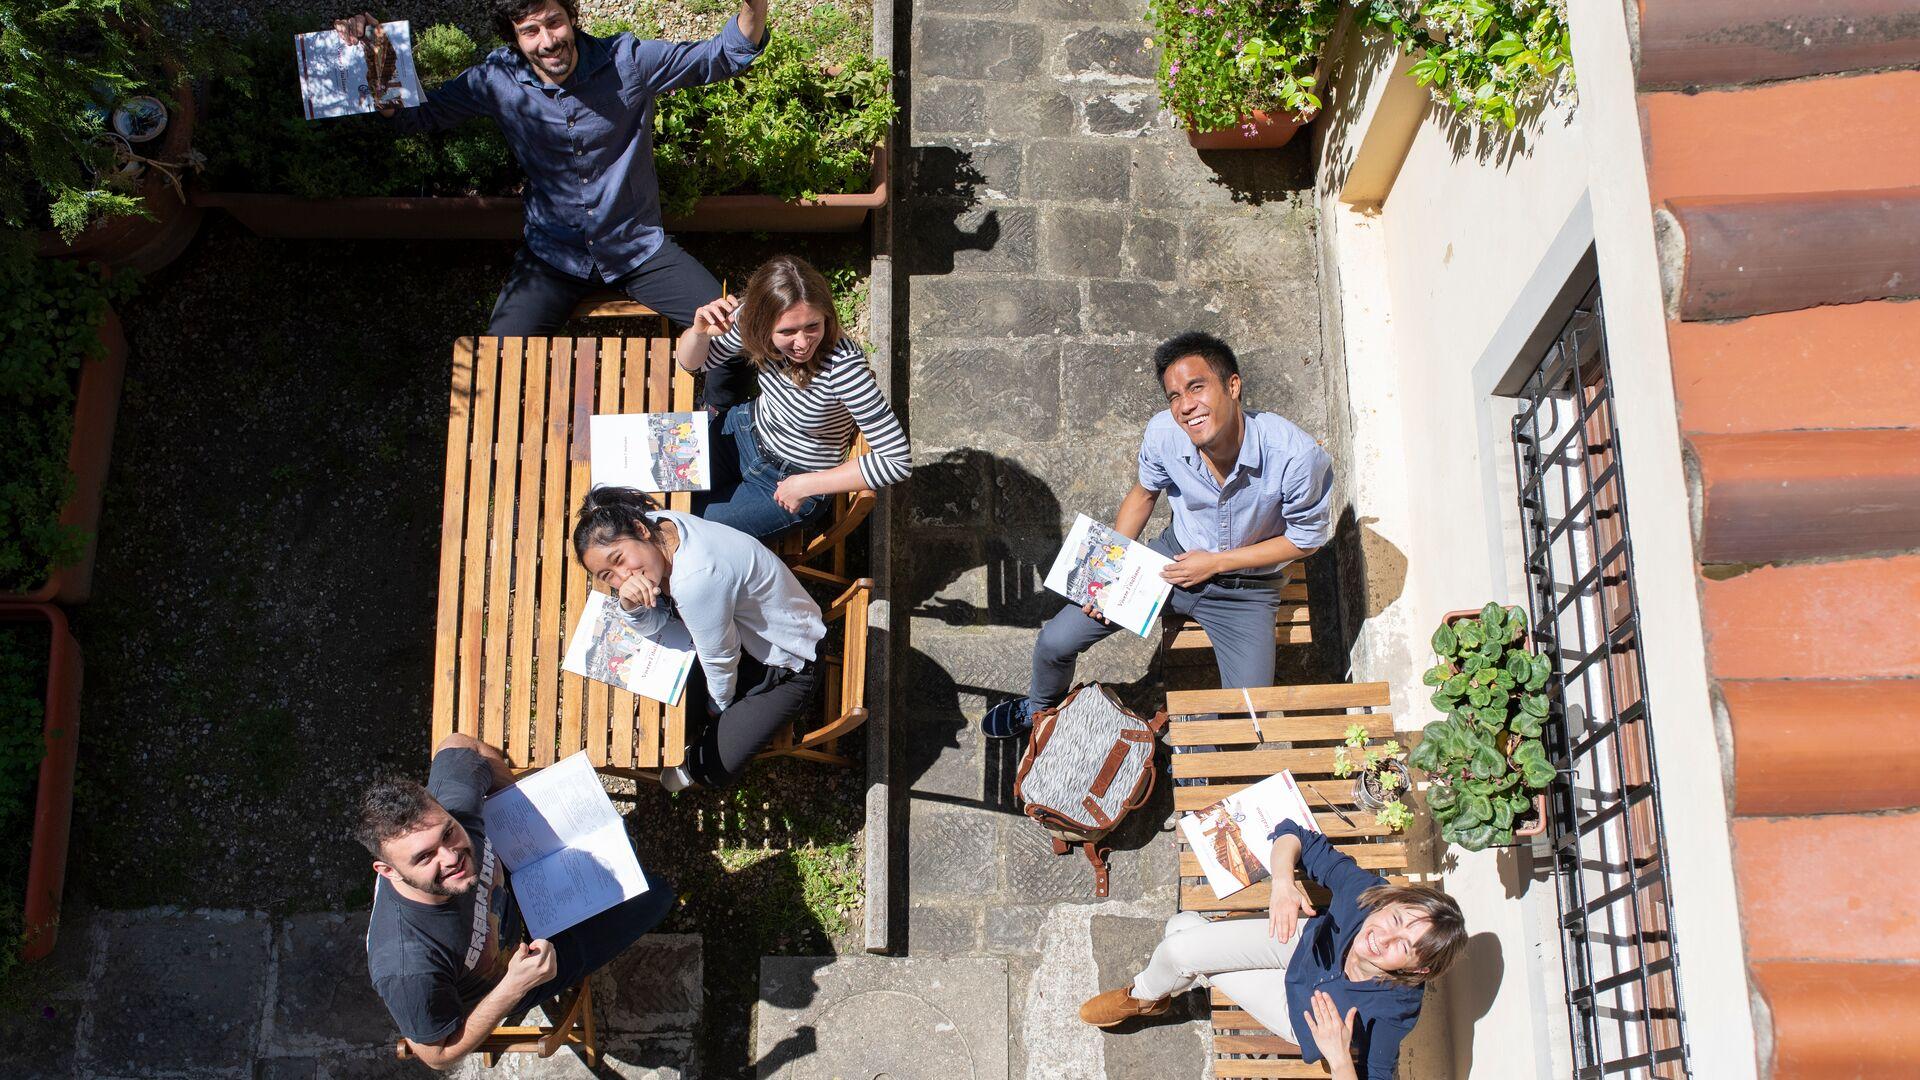 Séjour linguistique Italie, Florence - Scuola Leonardo da Vinci Firenze - école